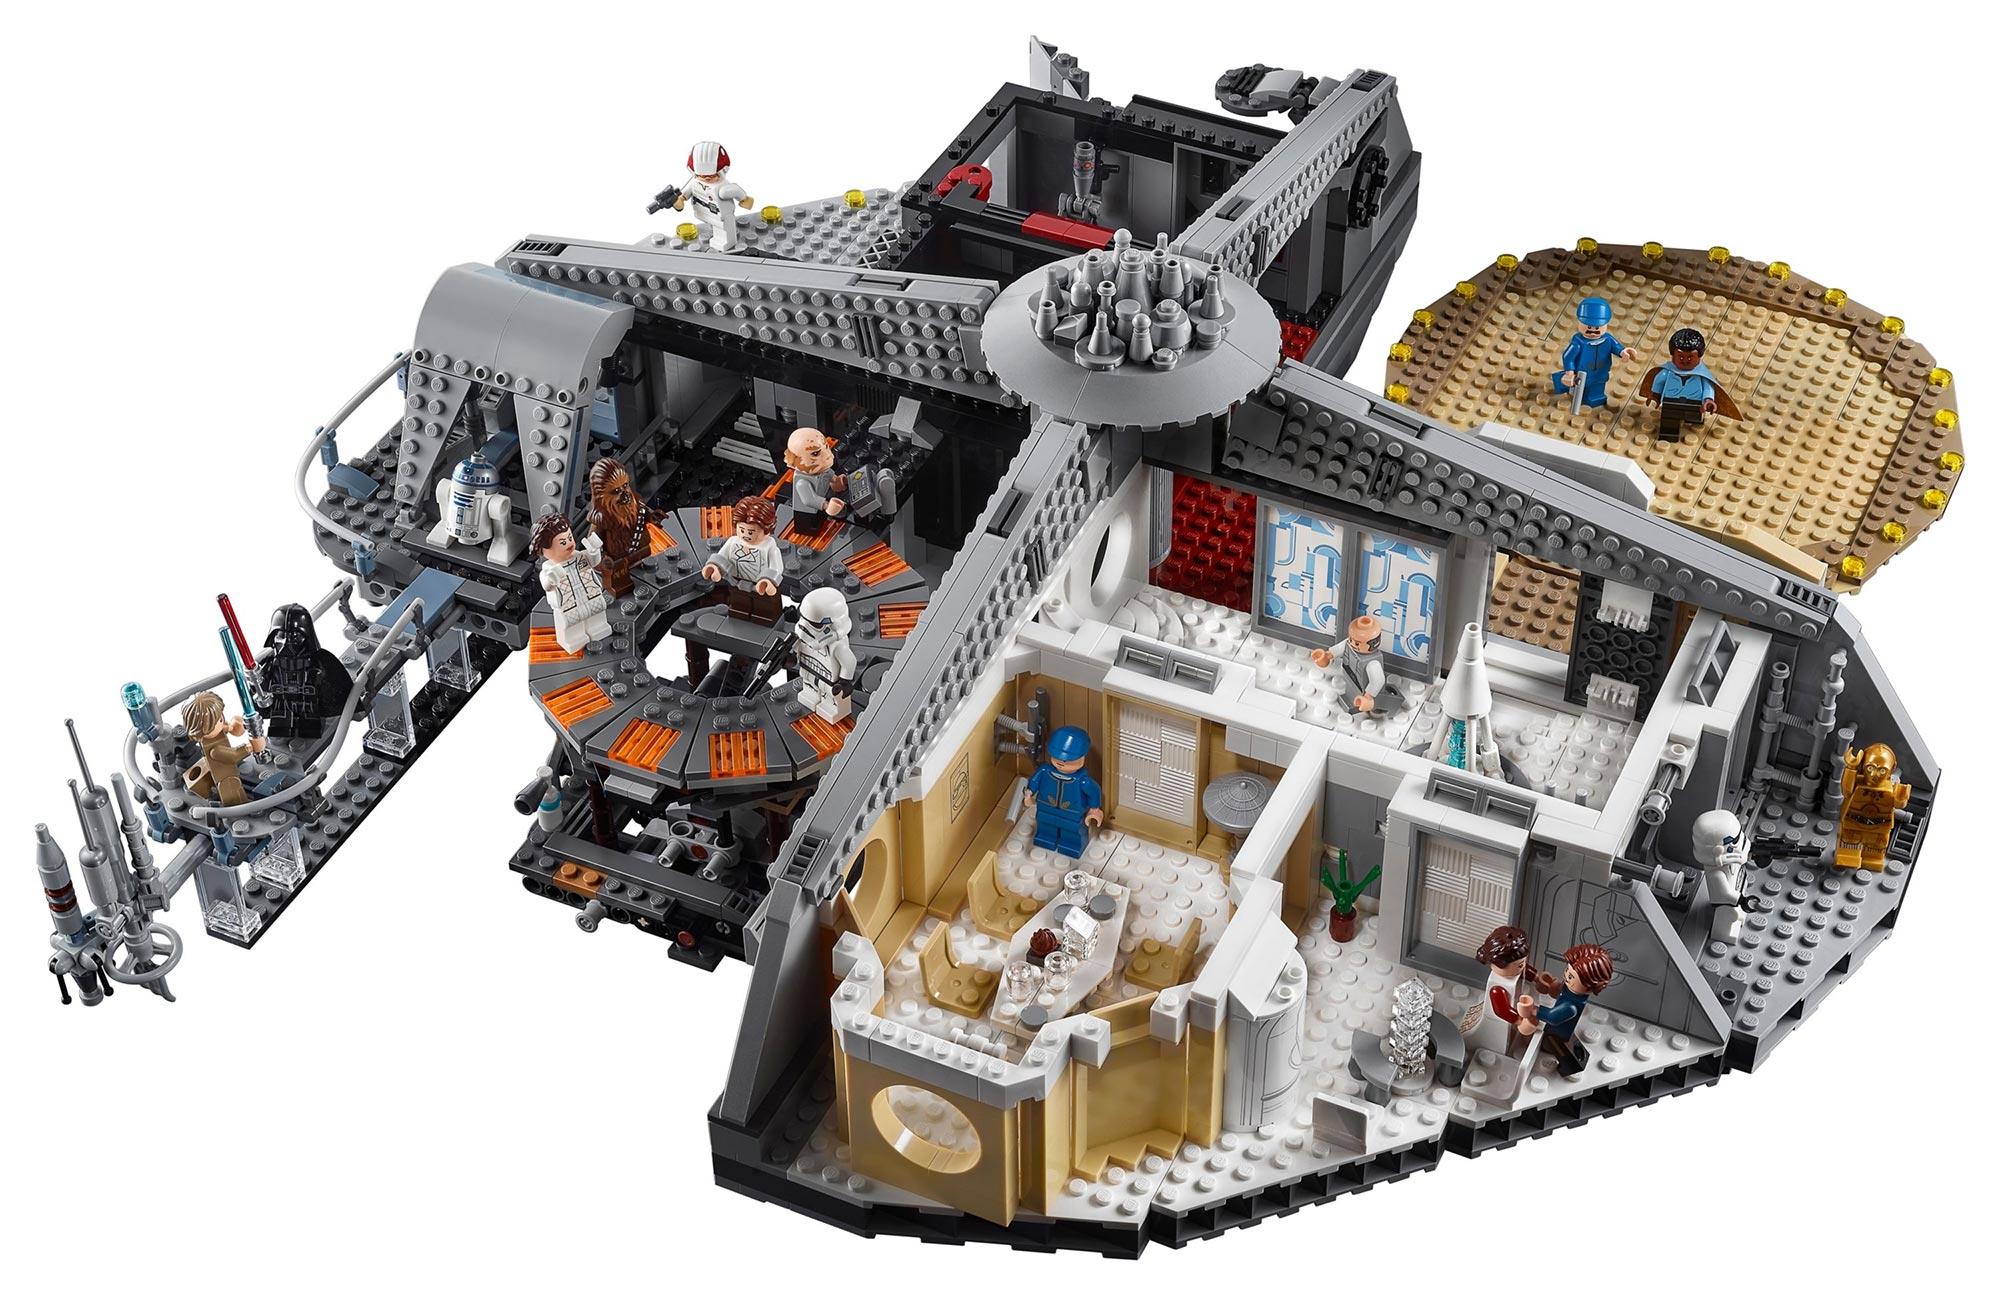 LEGO Star Wars Betrayal at Cloud City